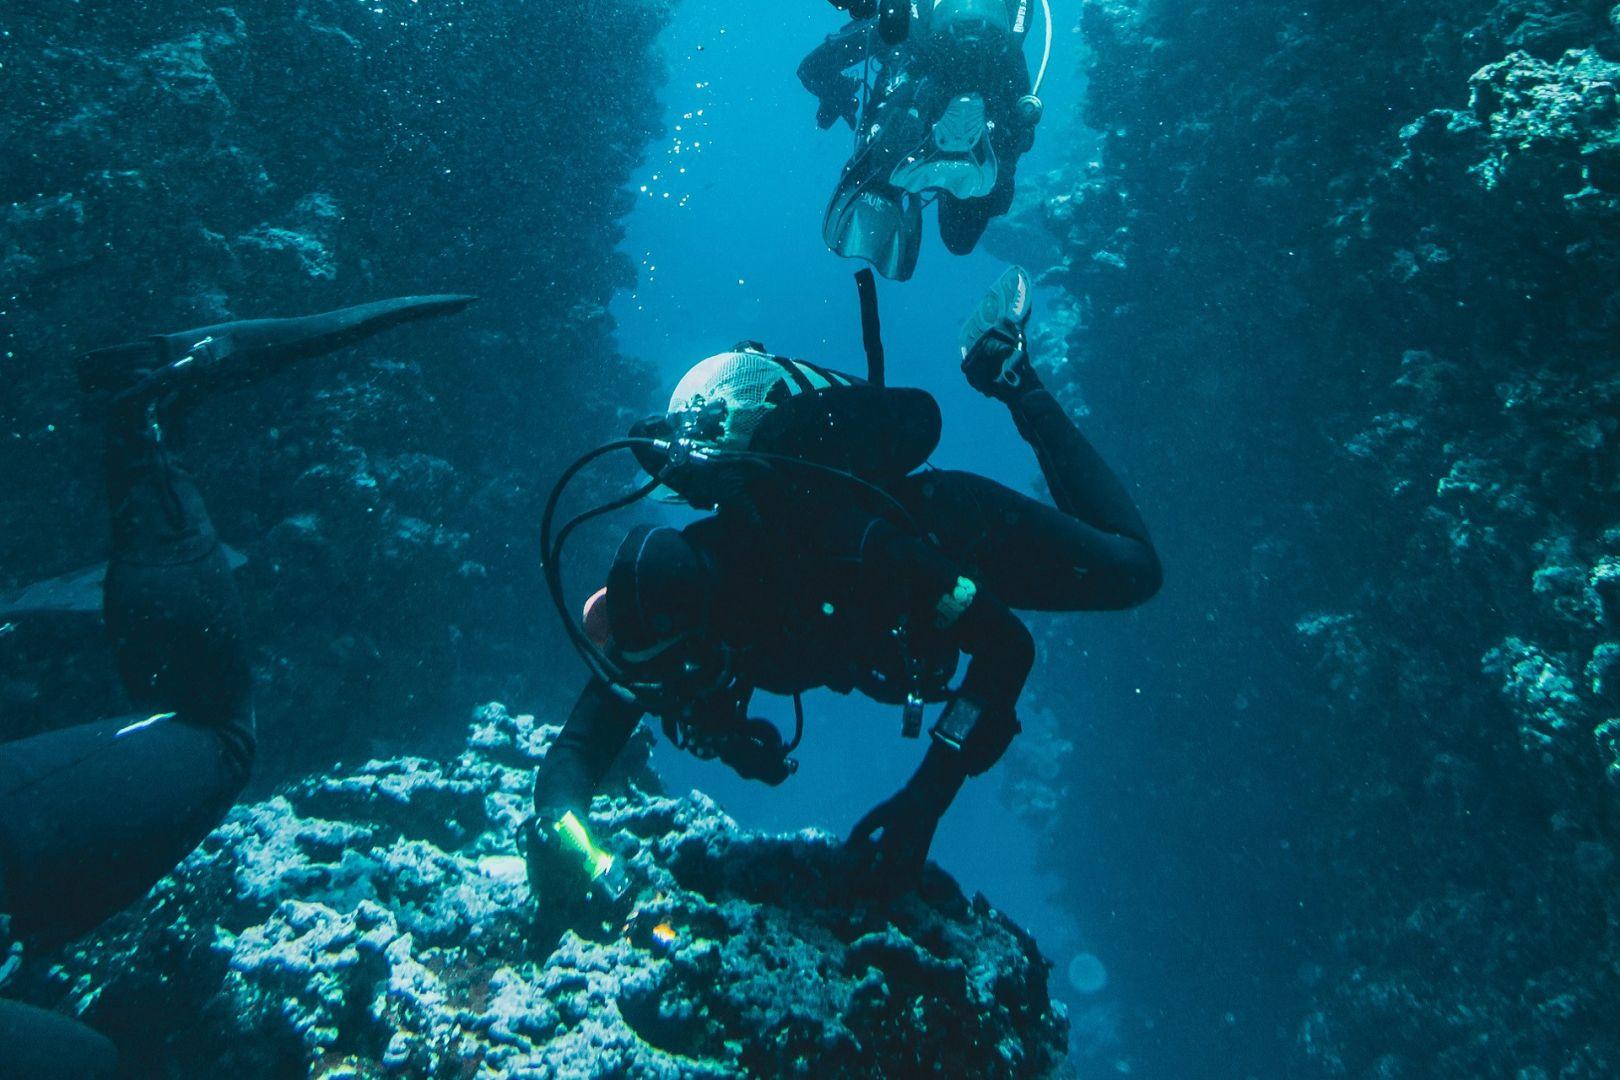 nurkowie pod wodą przy skałach nurkowanie z butlą